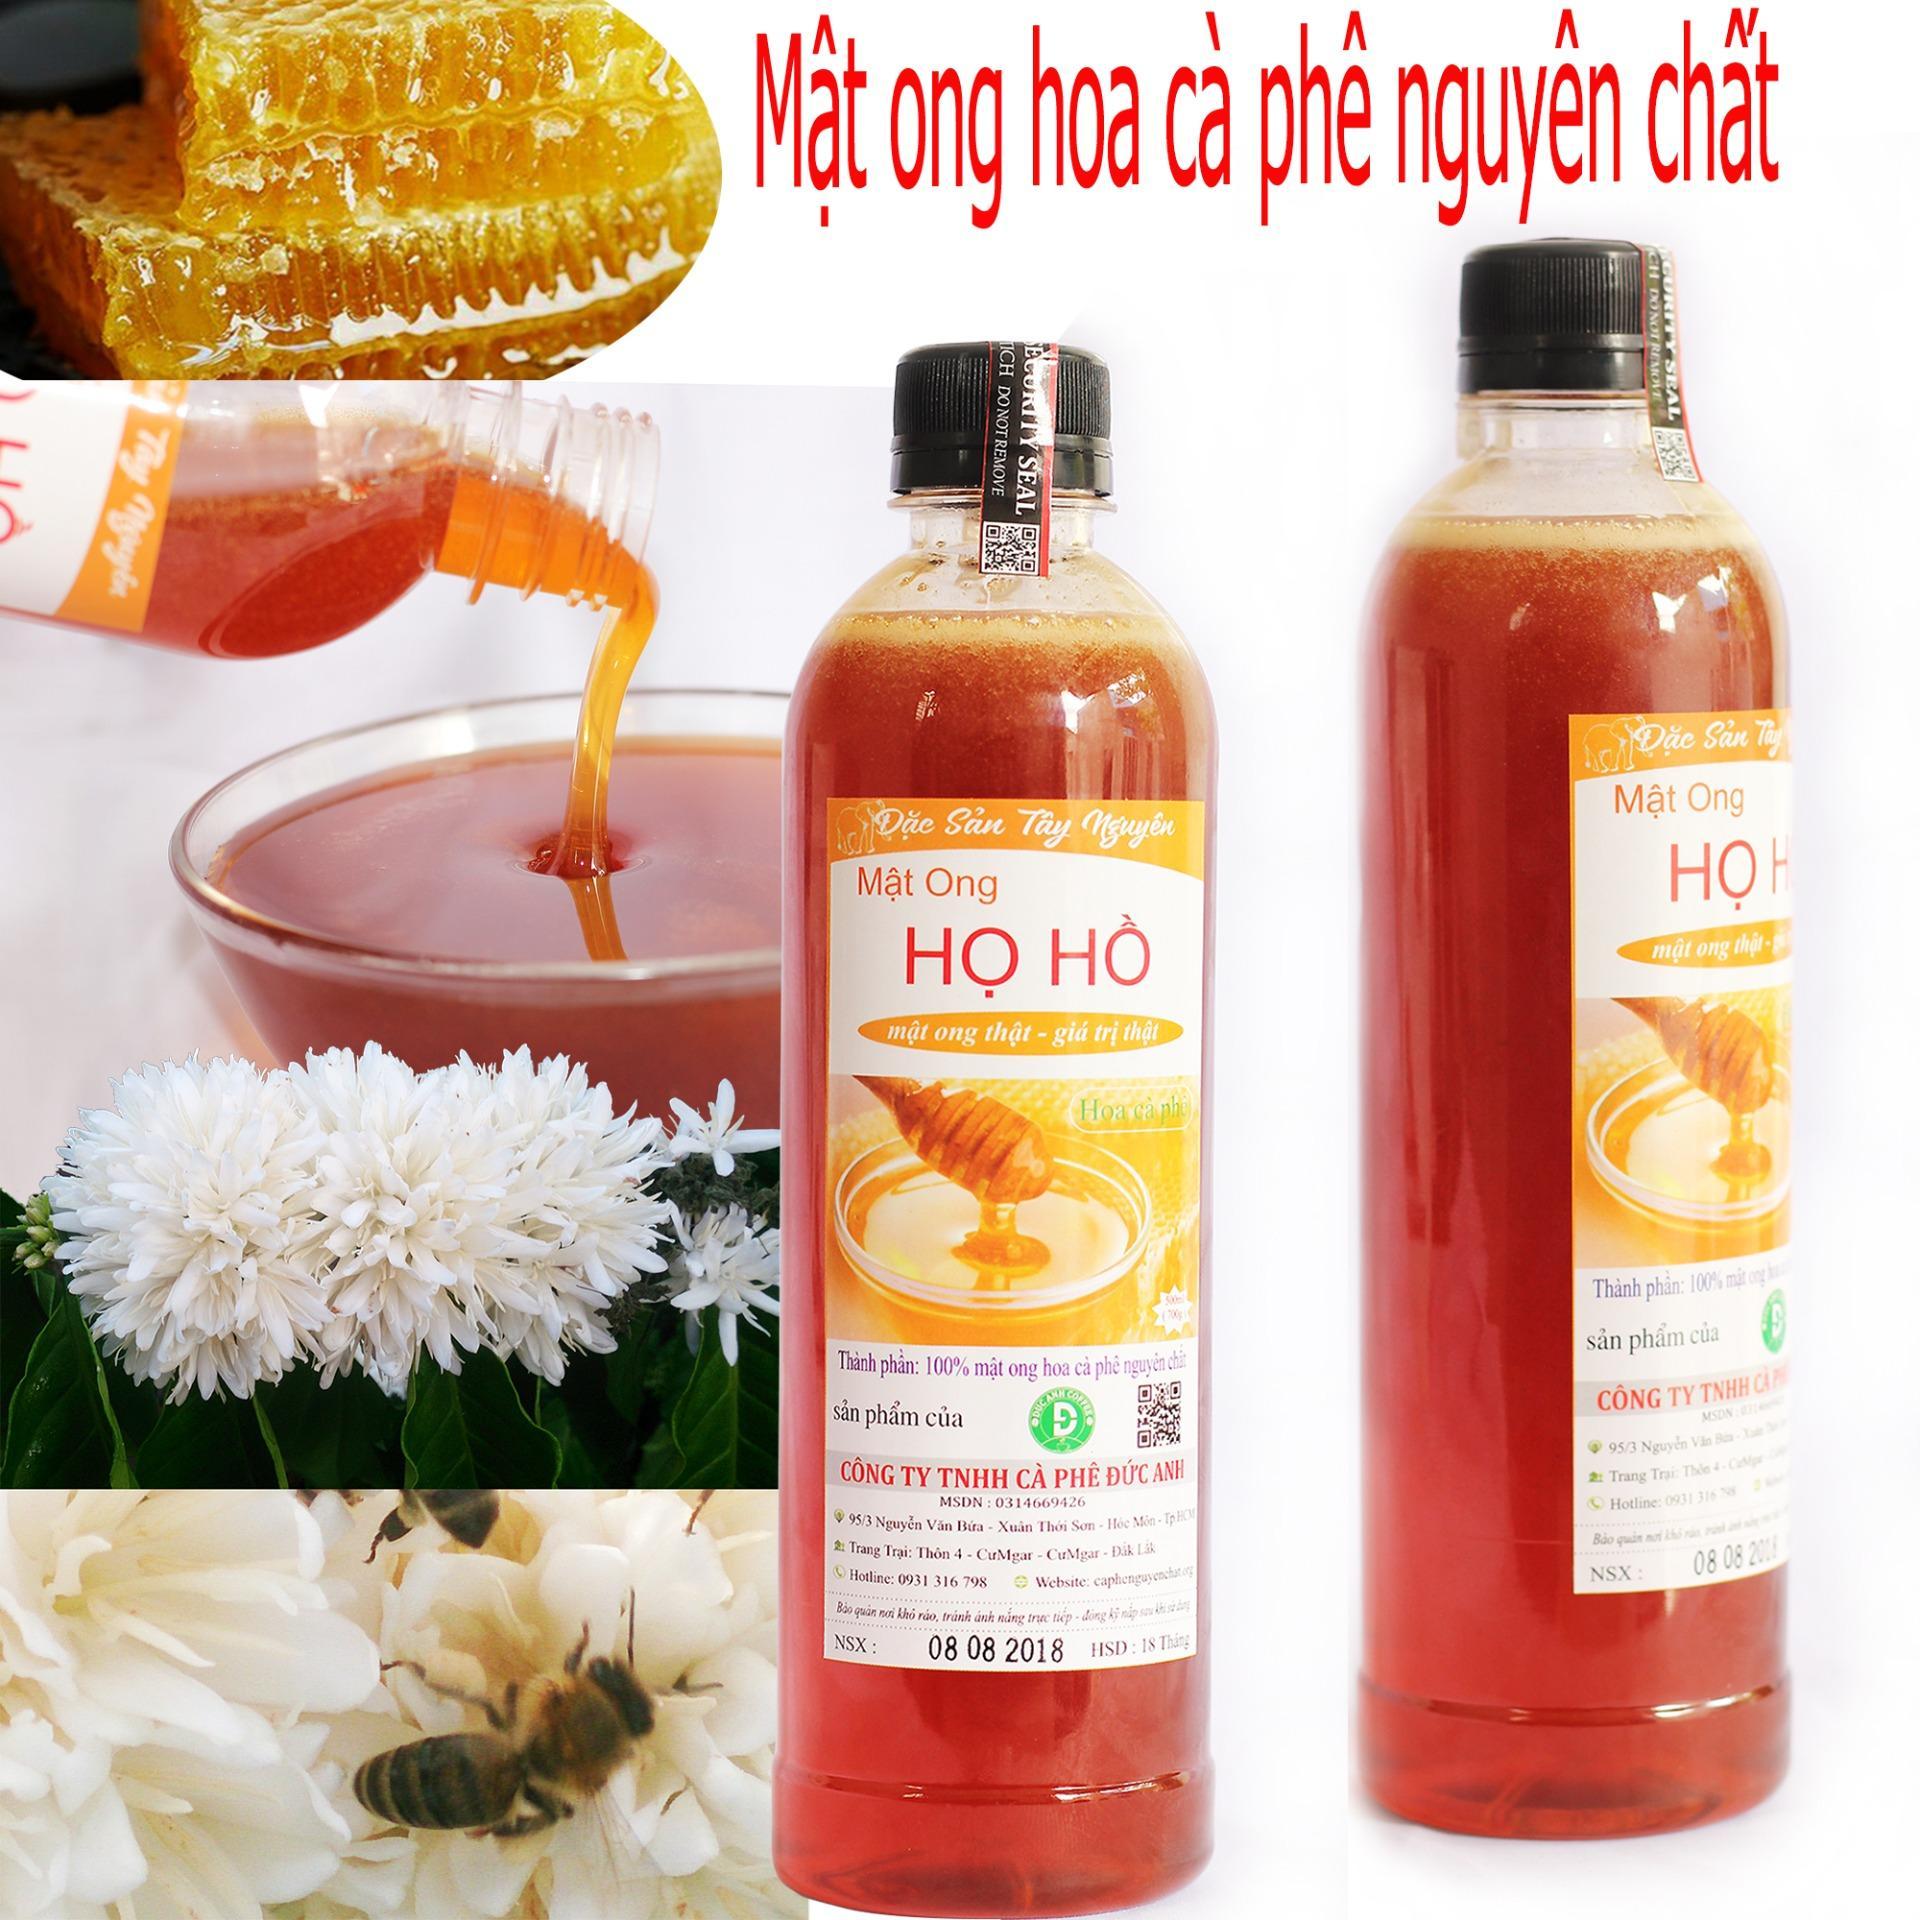 Hình ảnh 1 lít mật ong hoa cafe nguyên chất - mật thật giá trị thật - ( MẬT ONG HỌ HỒ THUỘC CÔNG TY TNHH CÀ PHÊ ĐỨC ANH - cam kết đổi trả nếu không vừa ý)